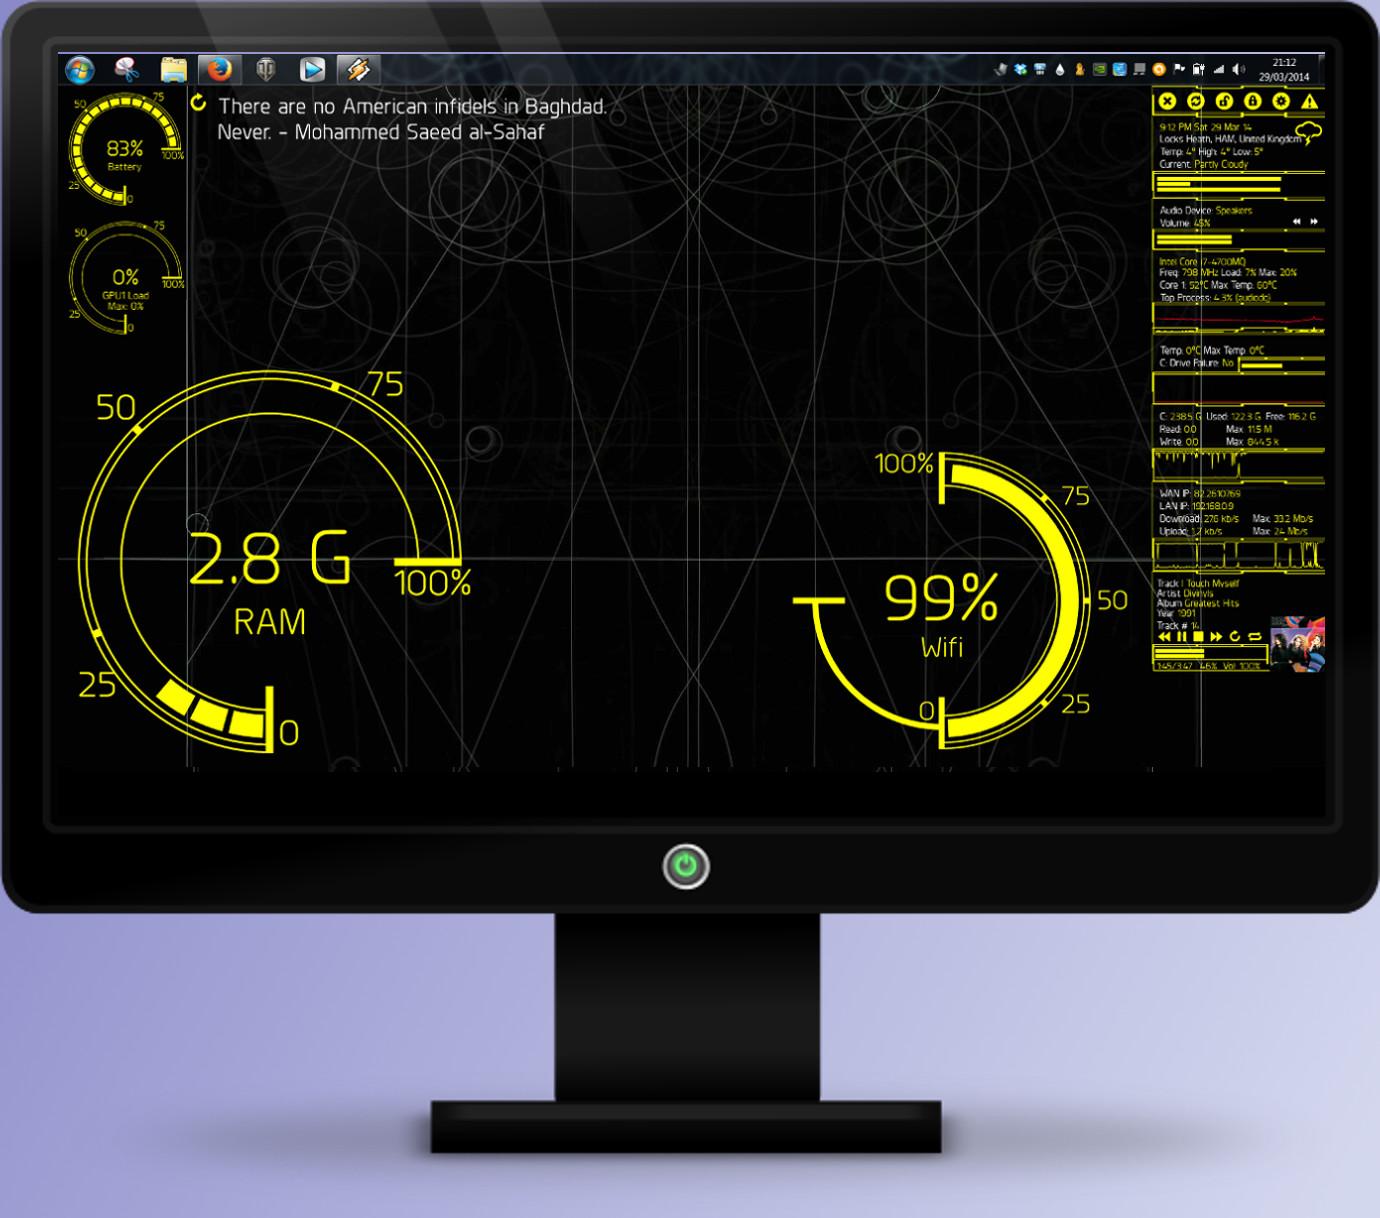 [Image: dashboard_1_8_by_osricwuscfrea-d7c4m0w.jpg]